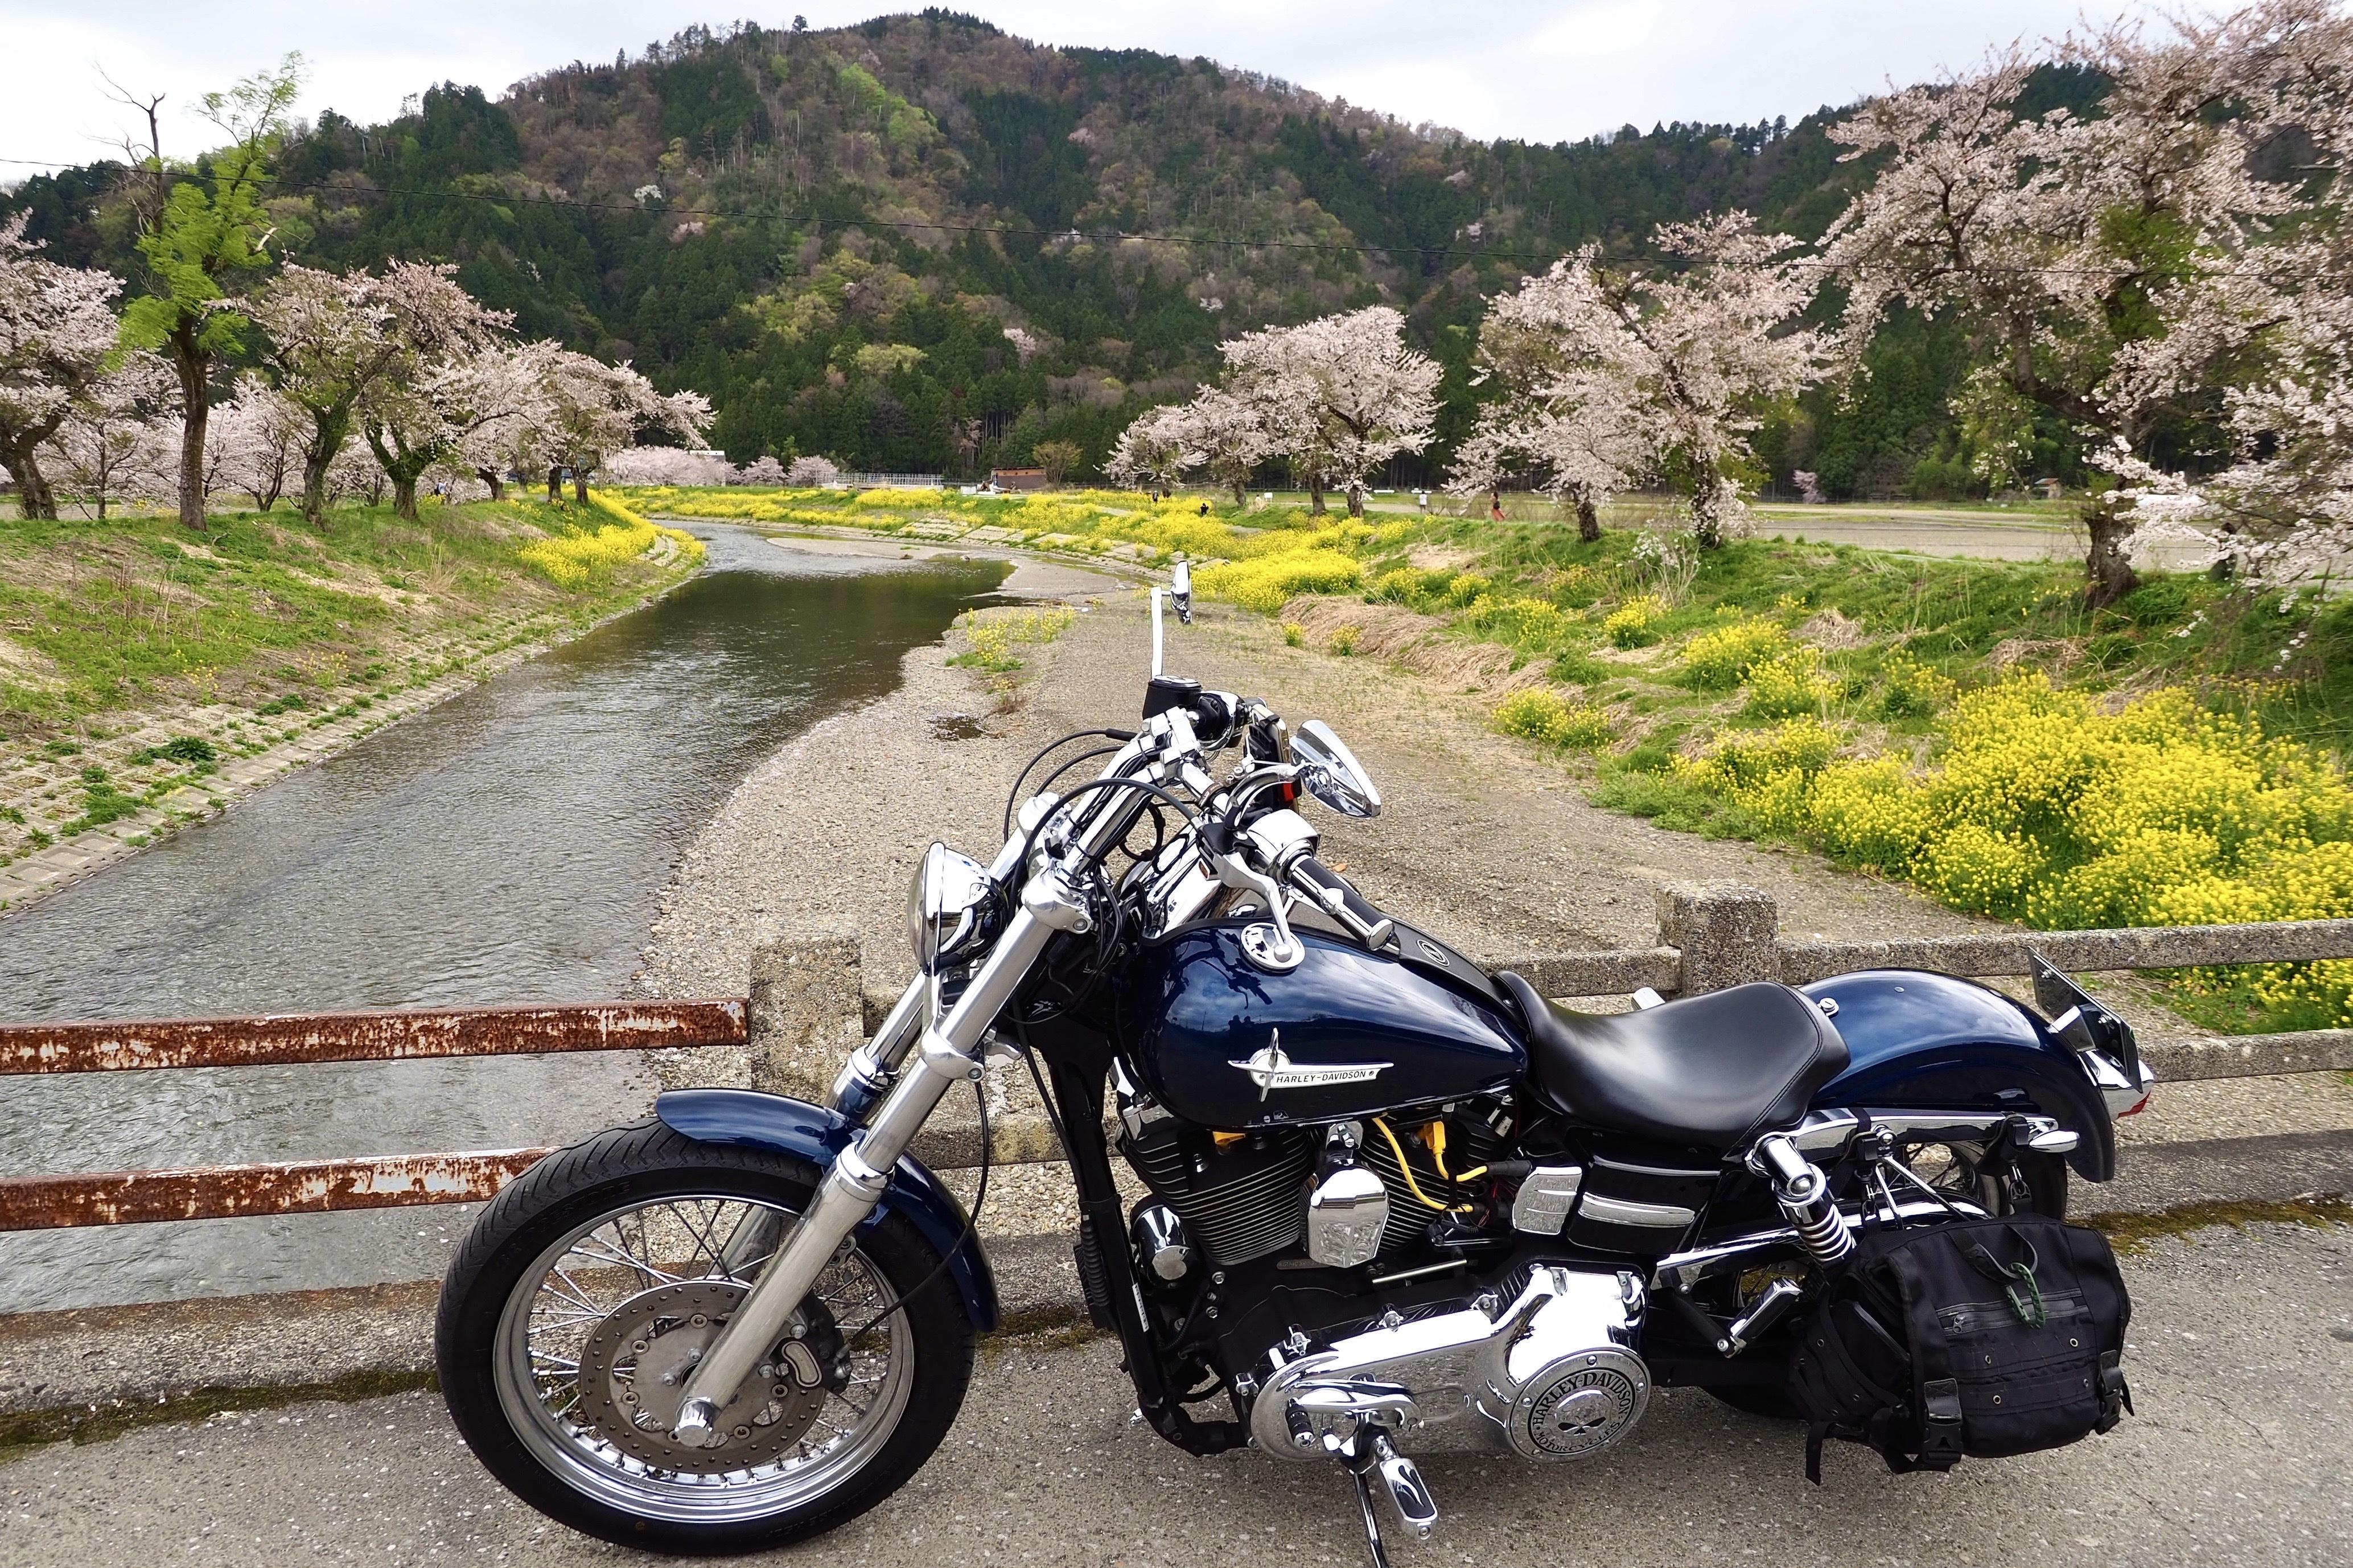 奥琵琶湖 お花見 ツーリング 余呉川 春の景色 菜の花 桜 長浜 ハーレー バイク